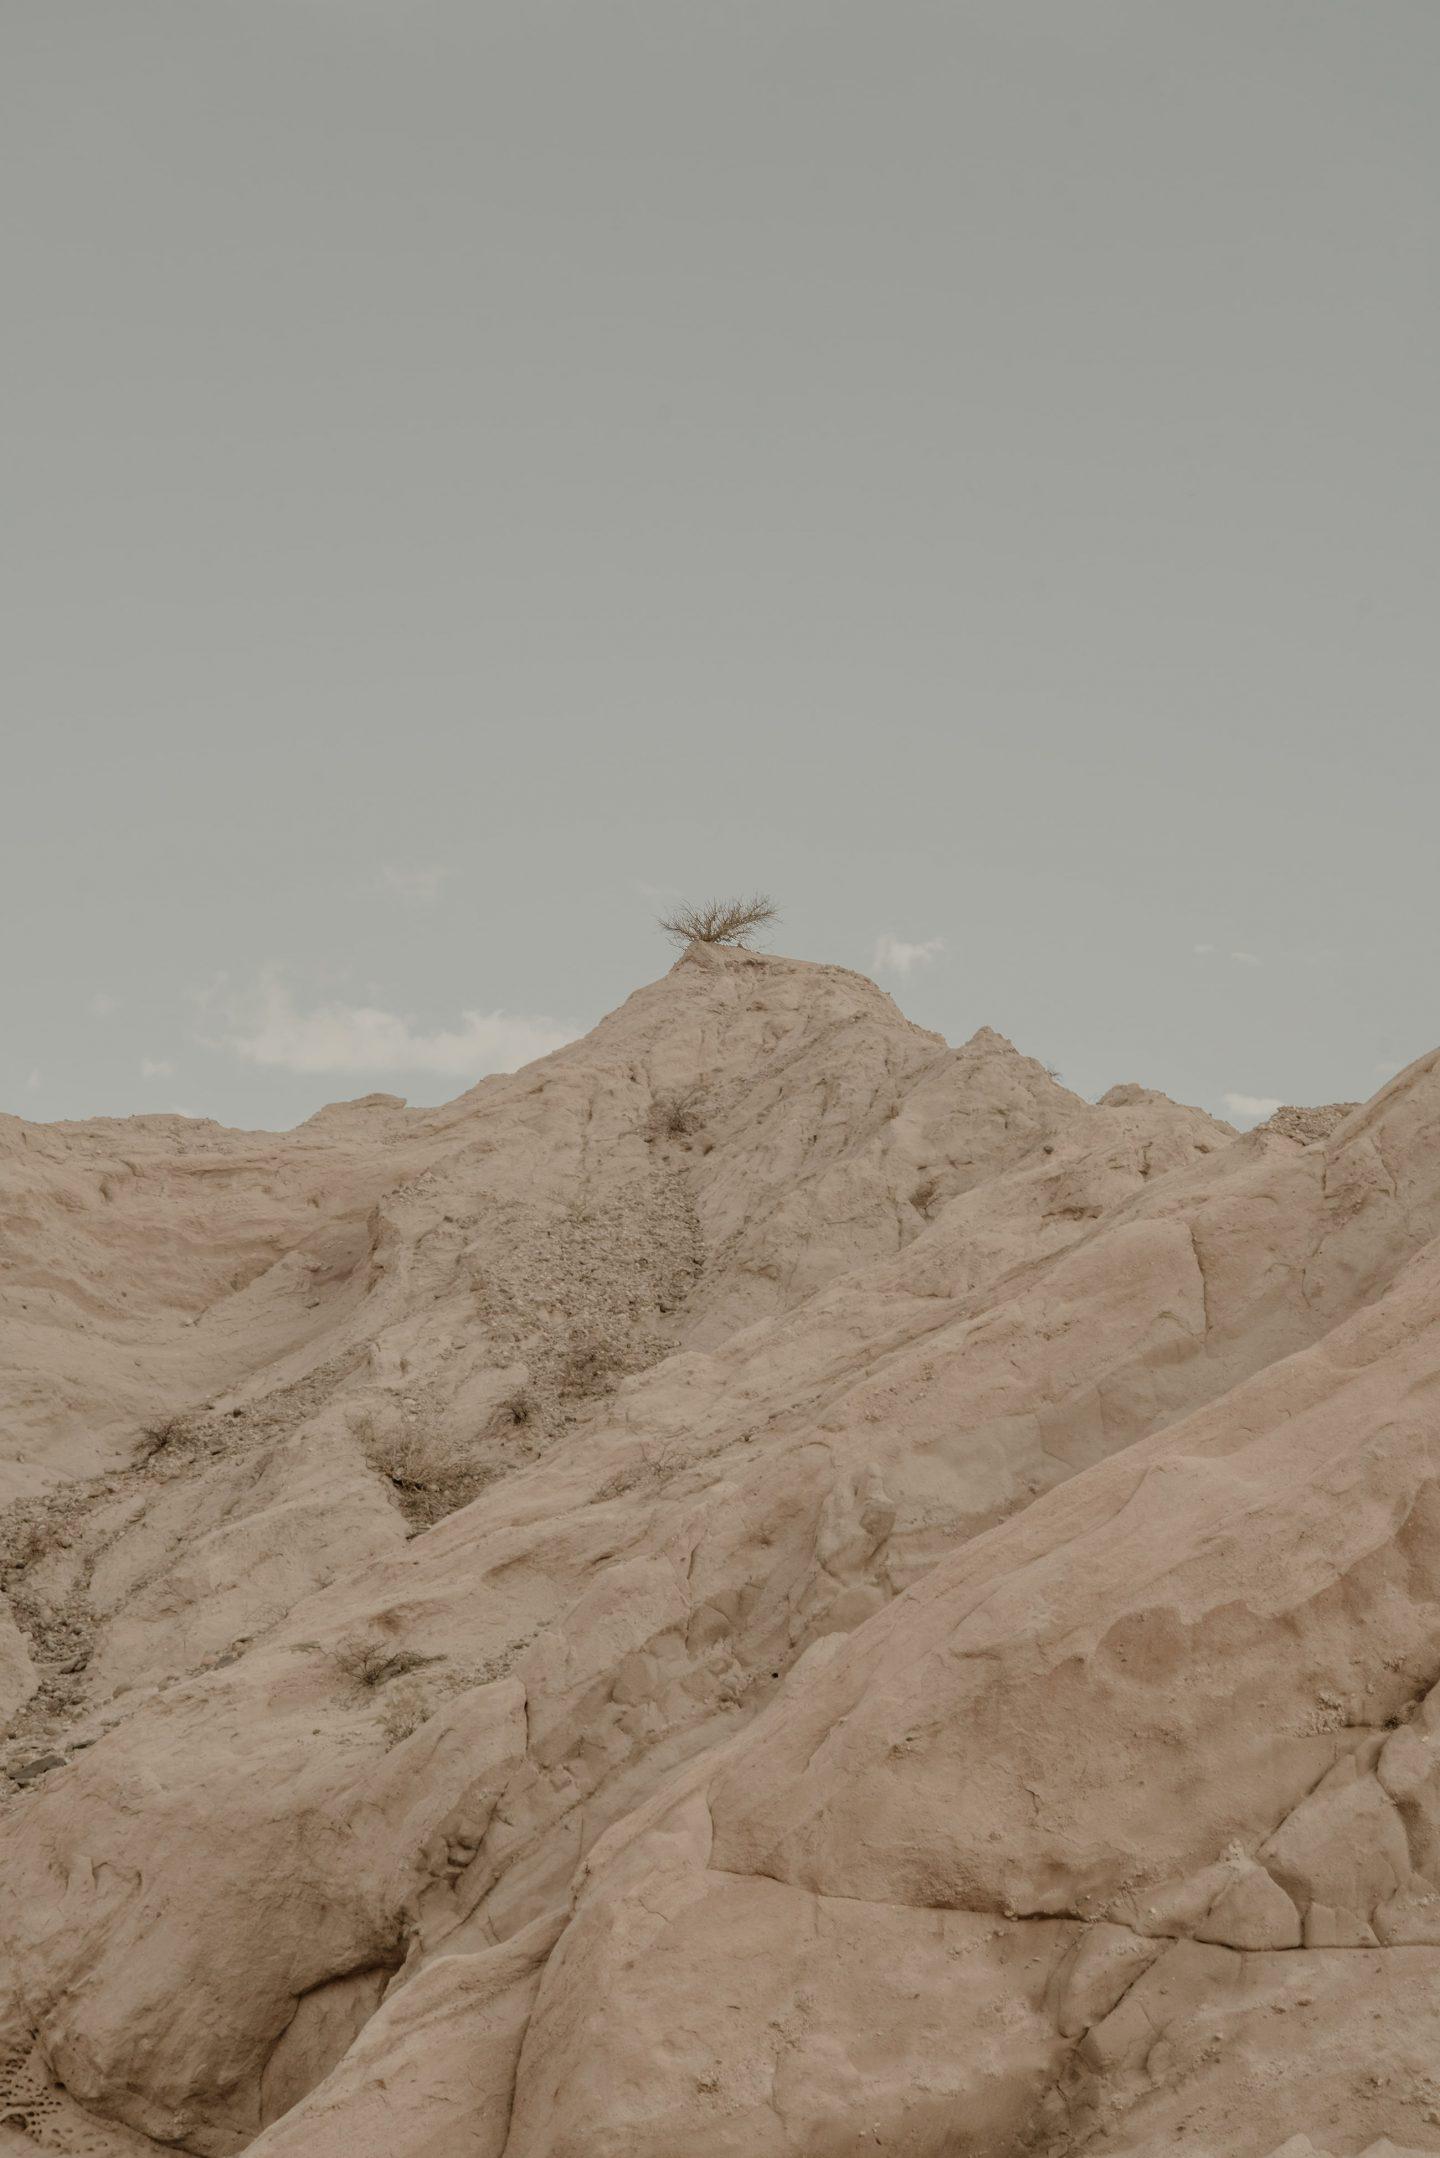 IGNANT-Photography-Landscape-HoracioReyePaez-10